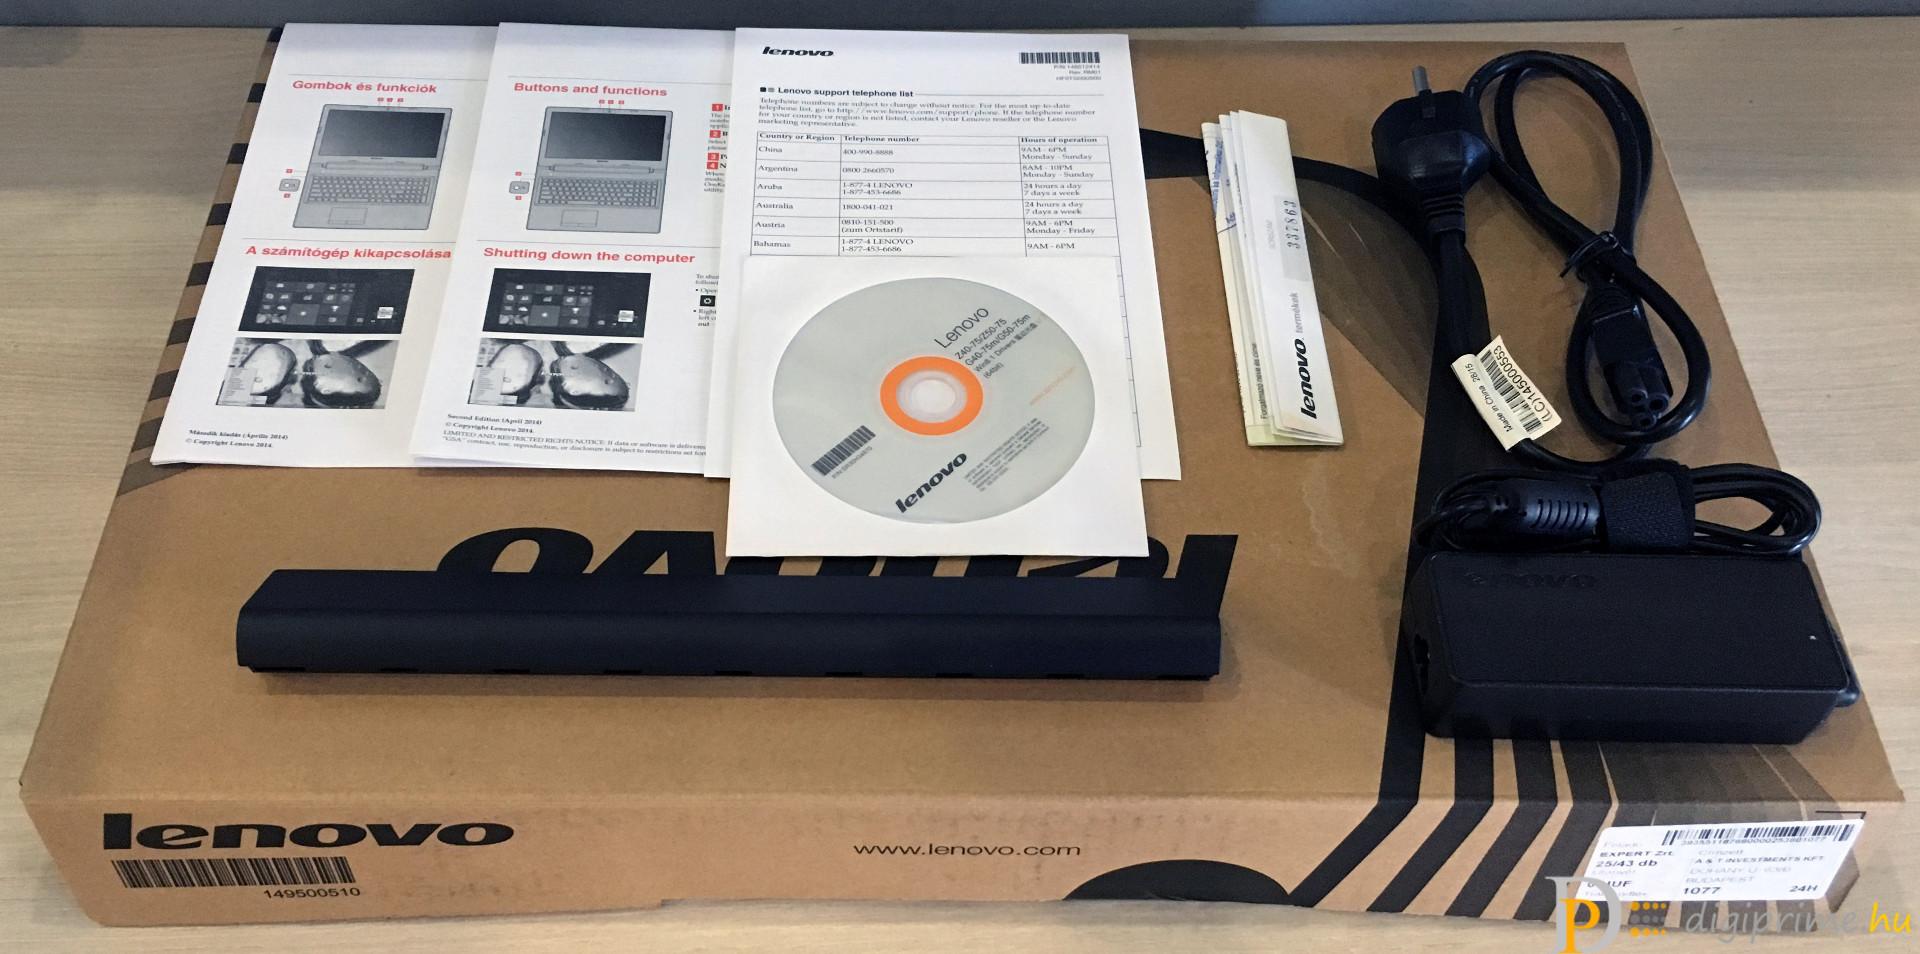 LENOVO IdeaPad Z50-75 - Multimédiás társ a mindennapokra 280e570199